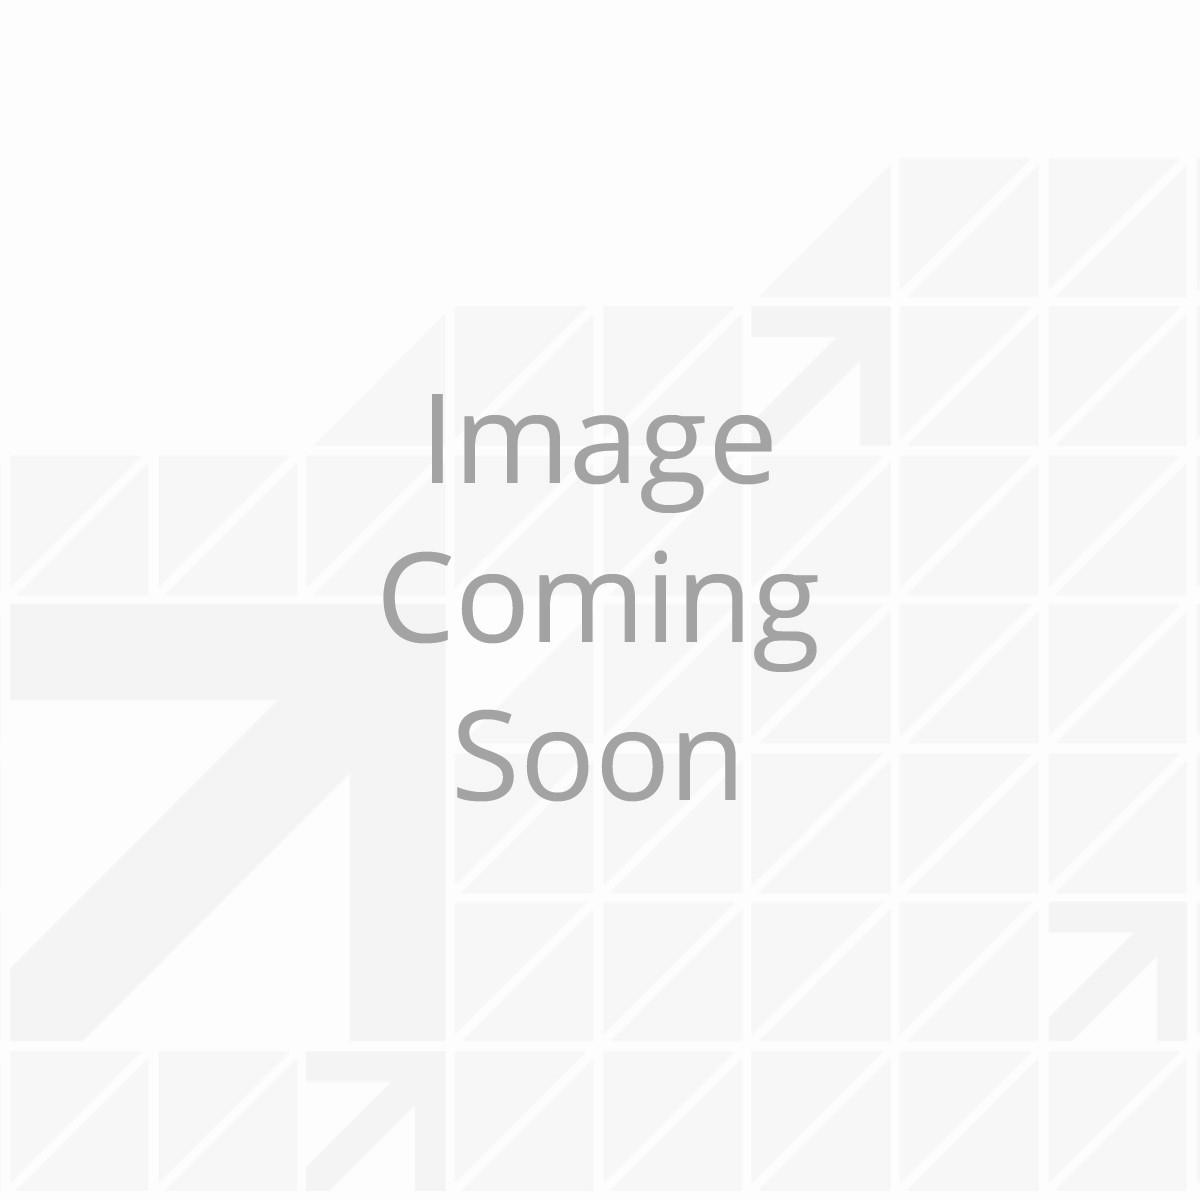 Solera 174 Power Awning Speaker Idler Head Front Cover Black